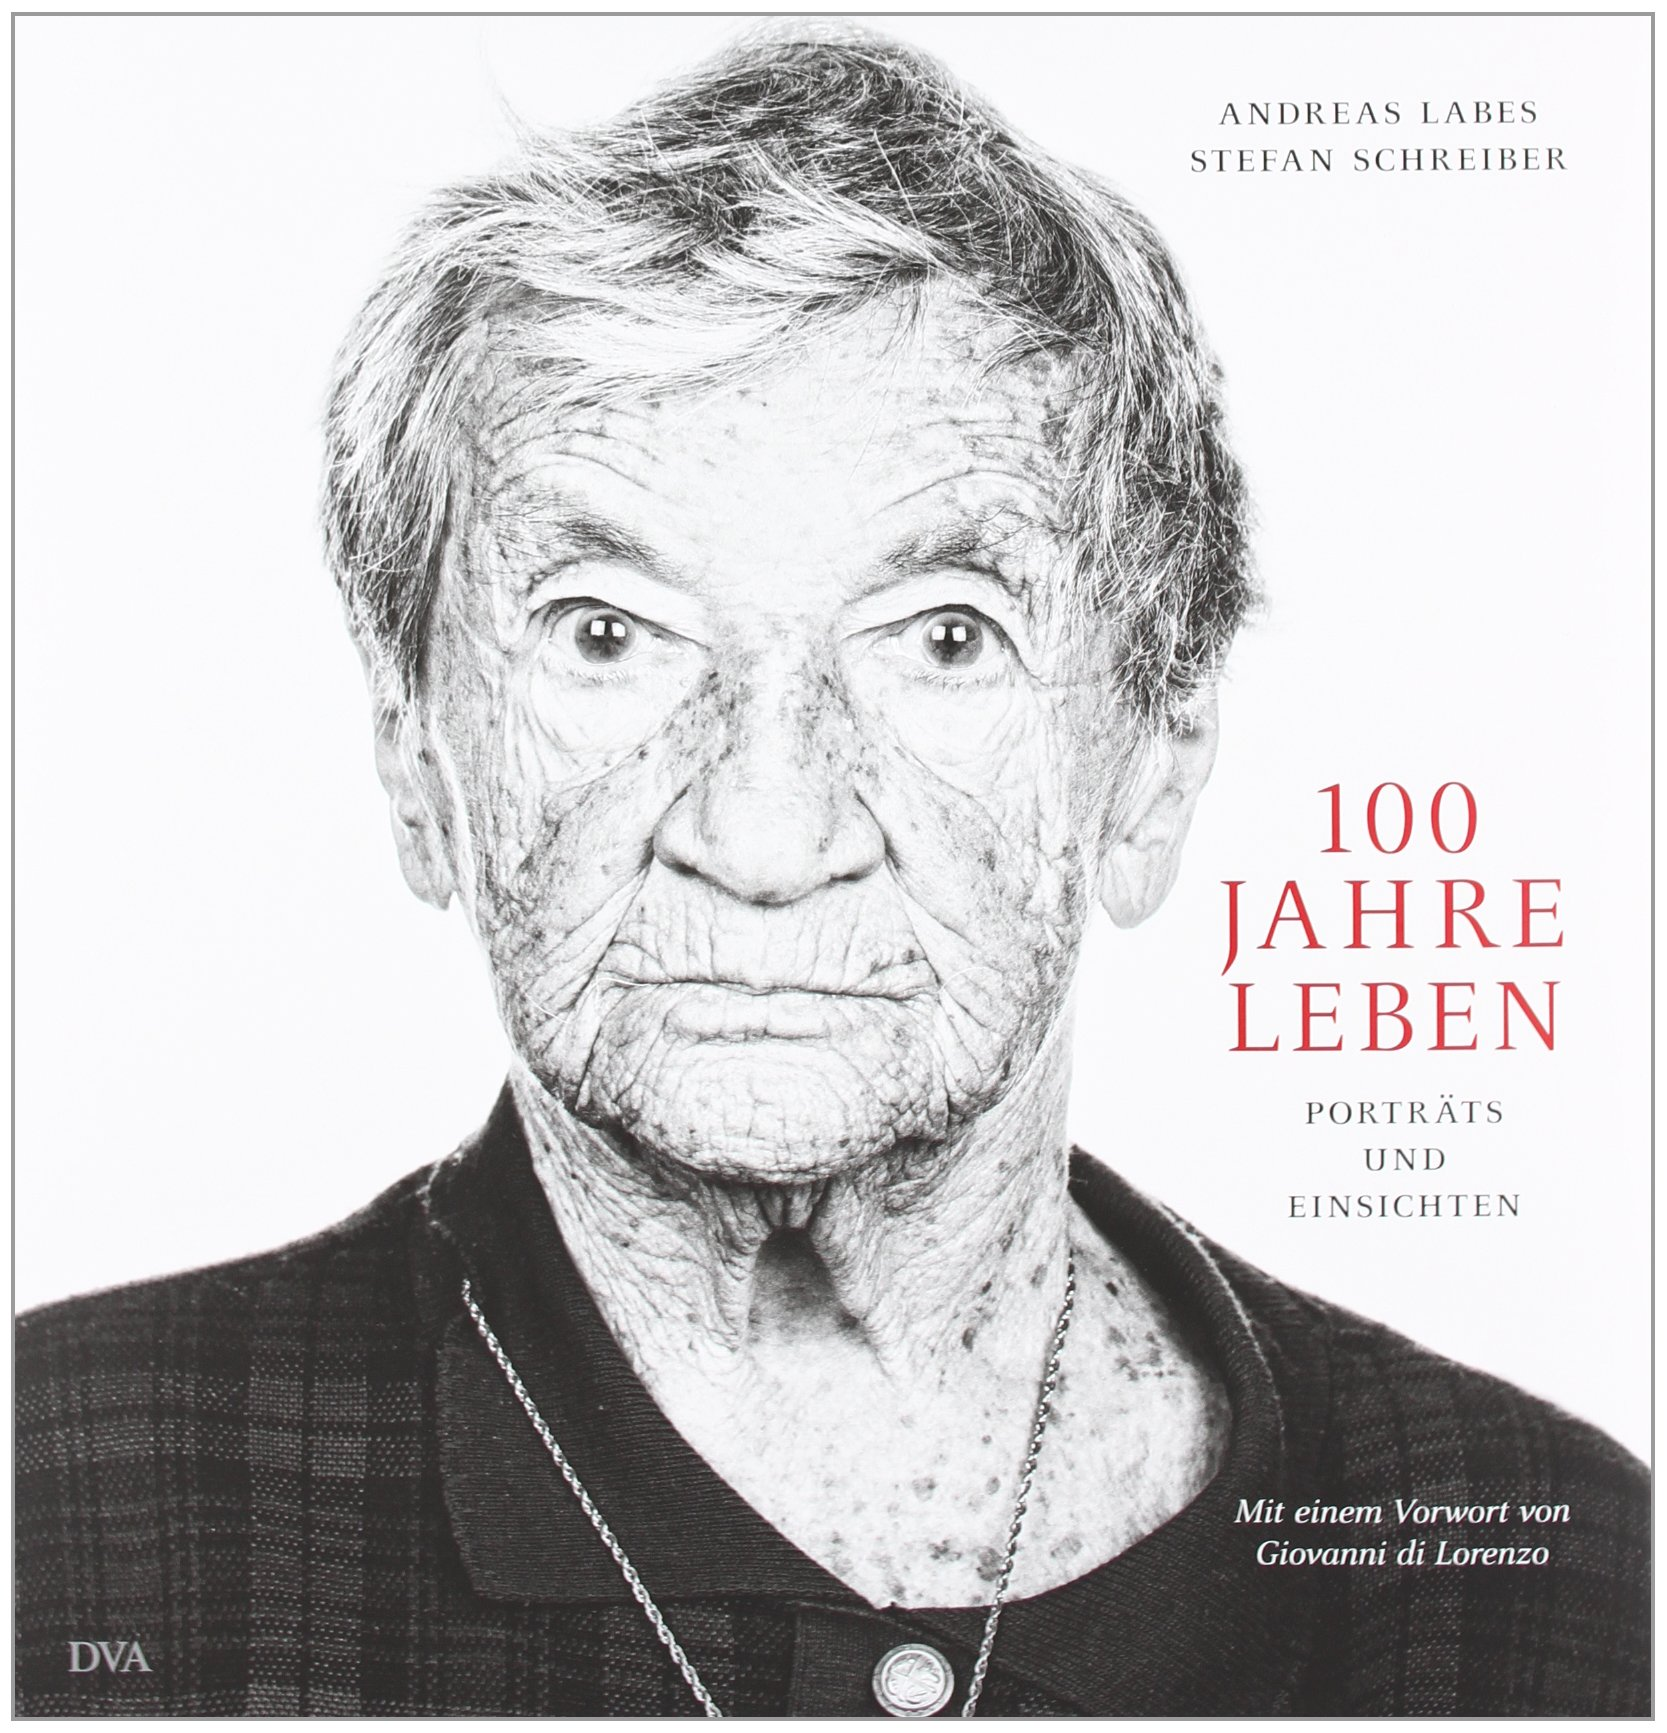 100 Jahre Leben: Porträts und Einsichten - Mit einem Vorwort von - Stefan  Schreiber, Andreas Labes - Amazon.de: Bücher